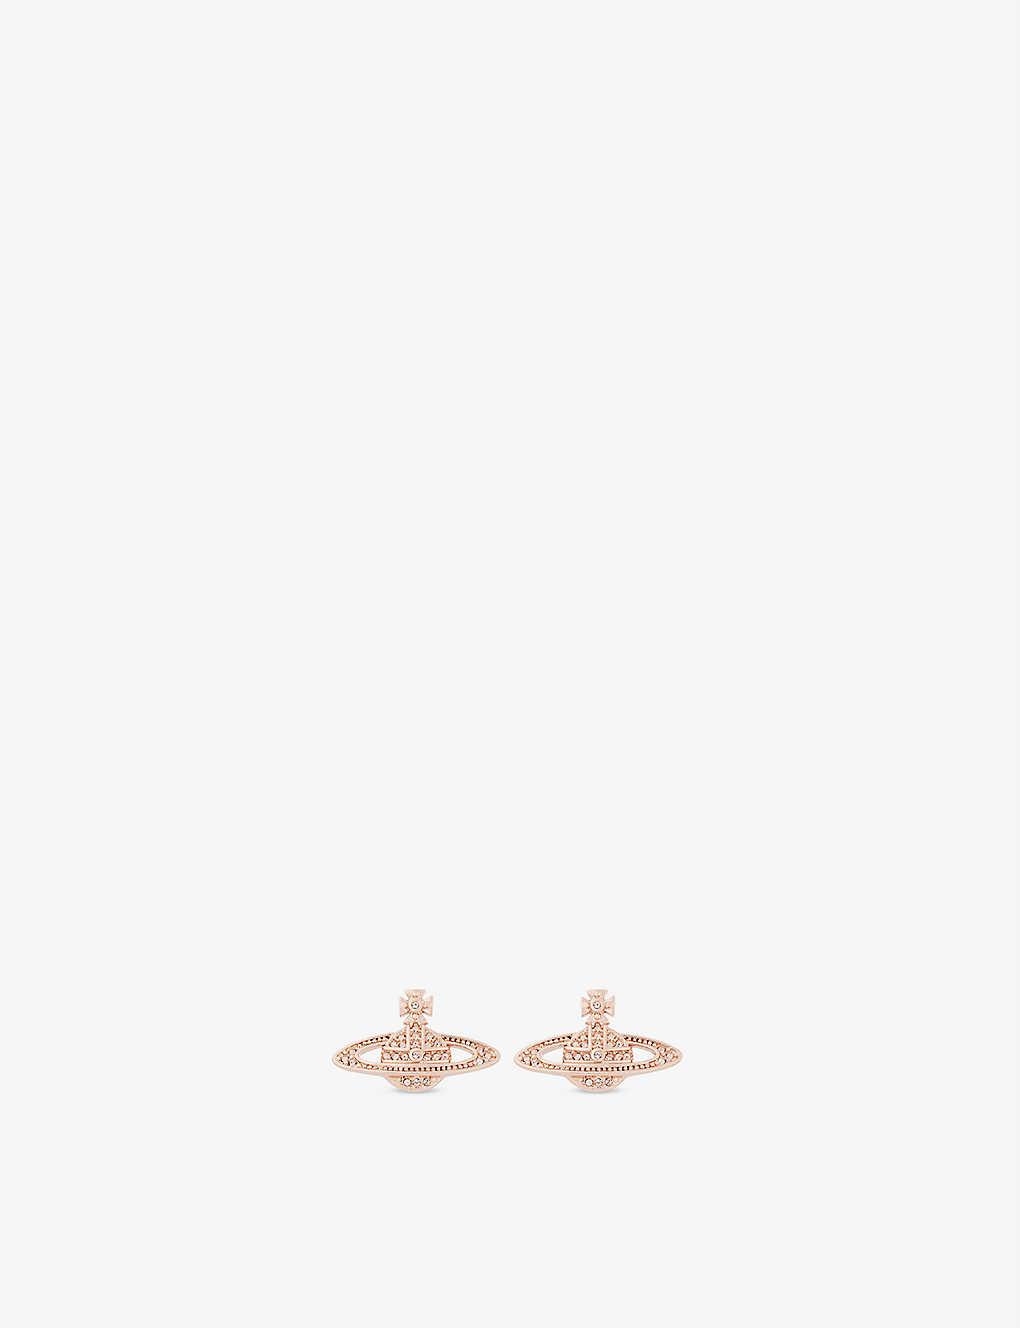 759c9ee9239 VIVIENNE WESTWOOD JEWELLERY - Mini Bas Relief diamante orb earrings ...